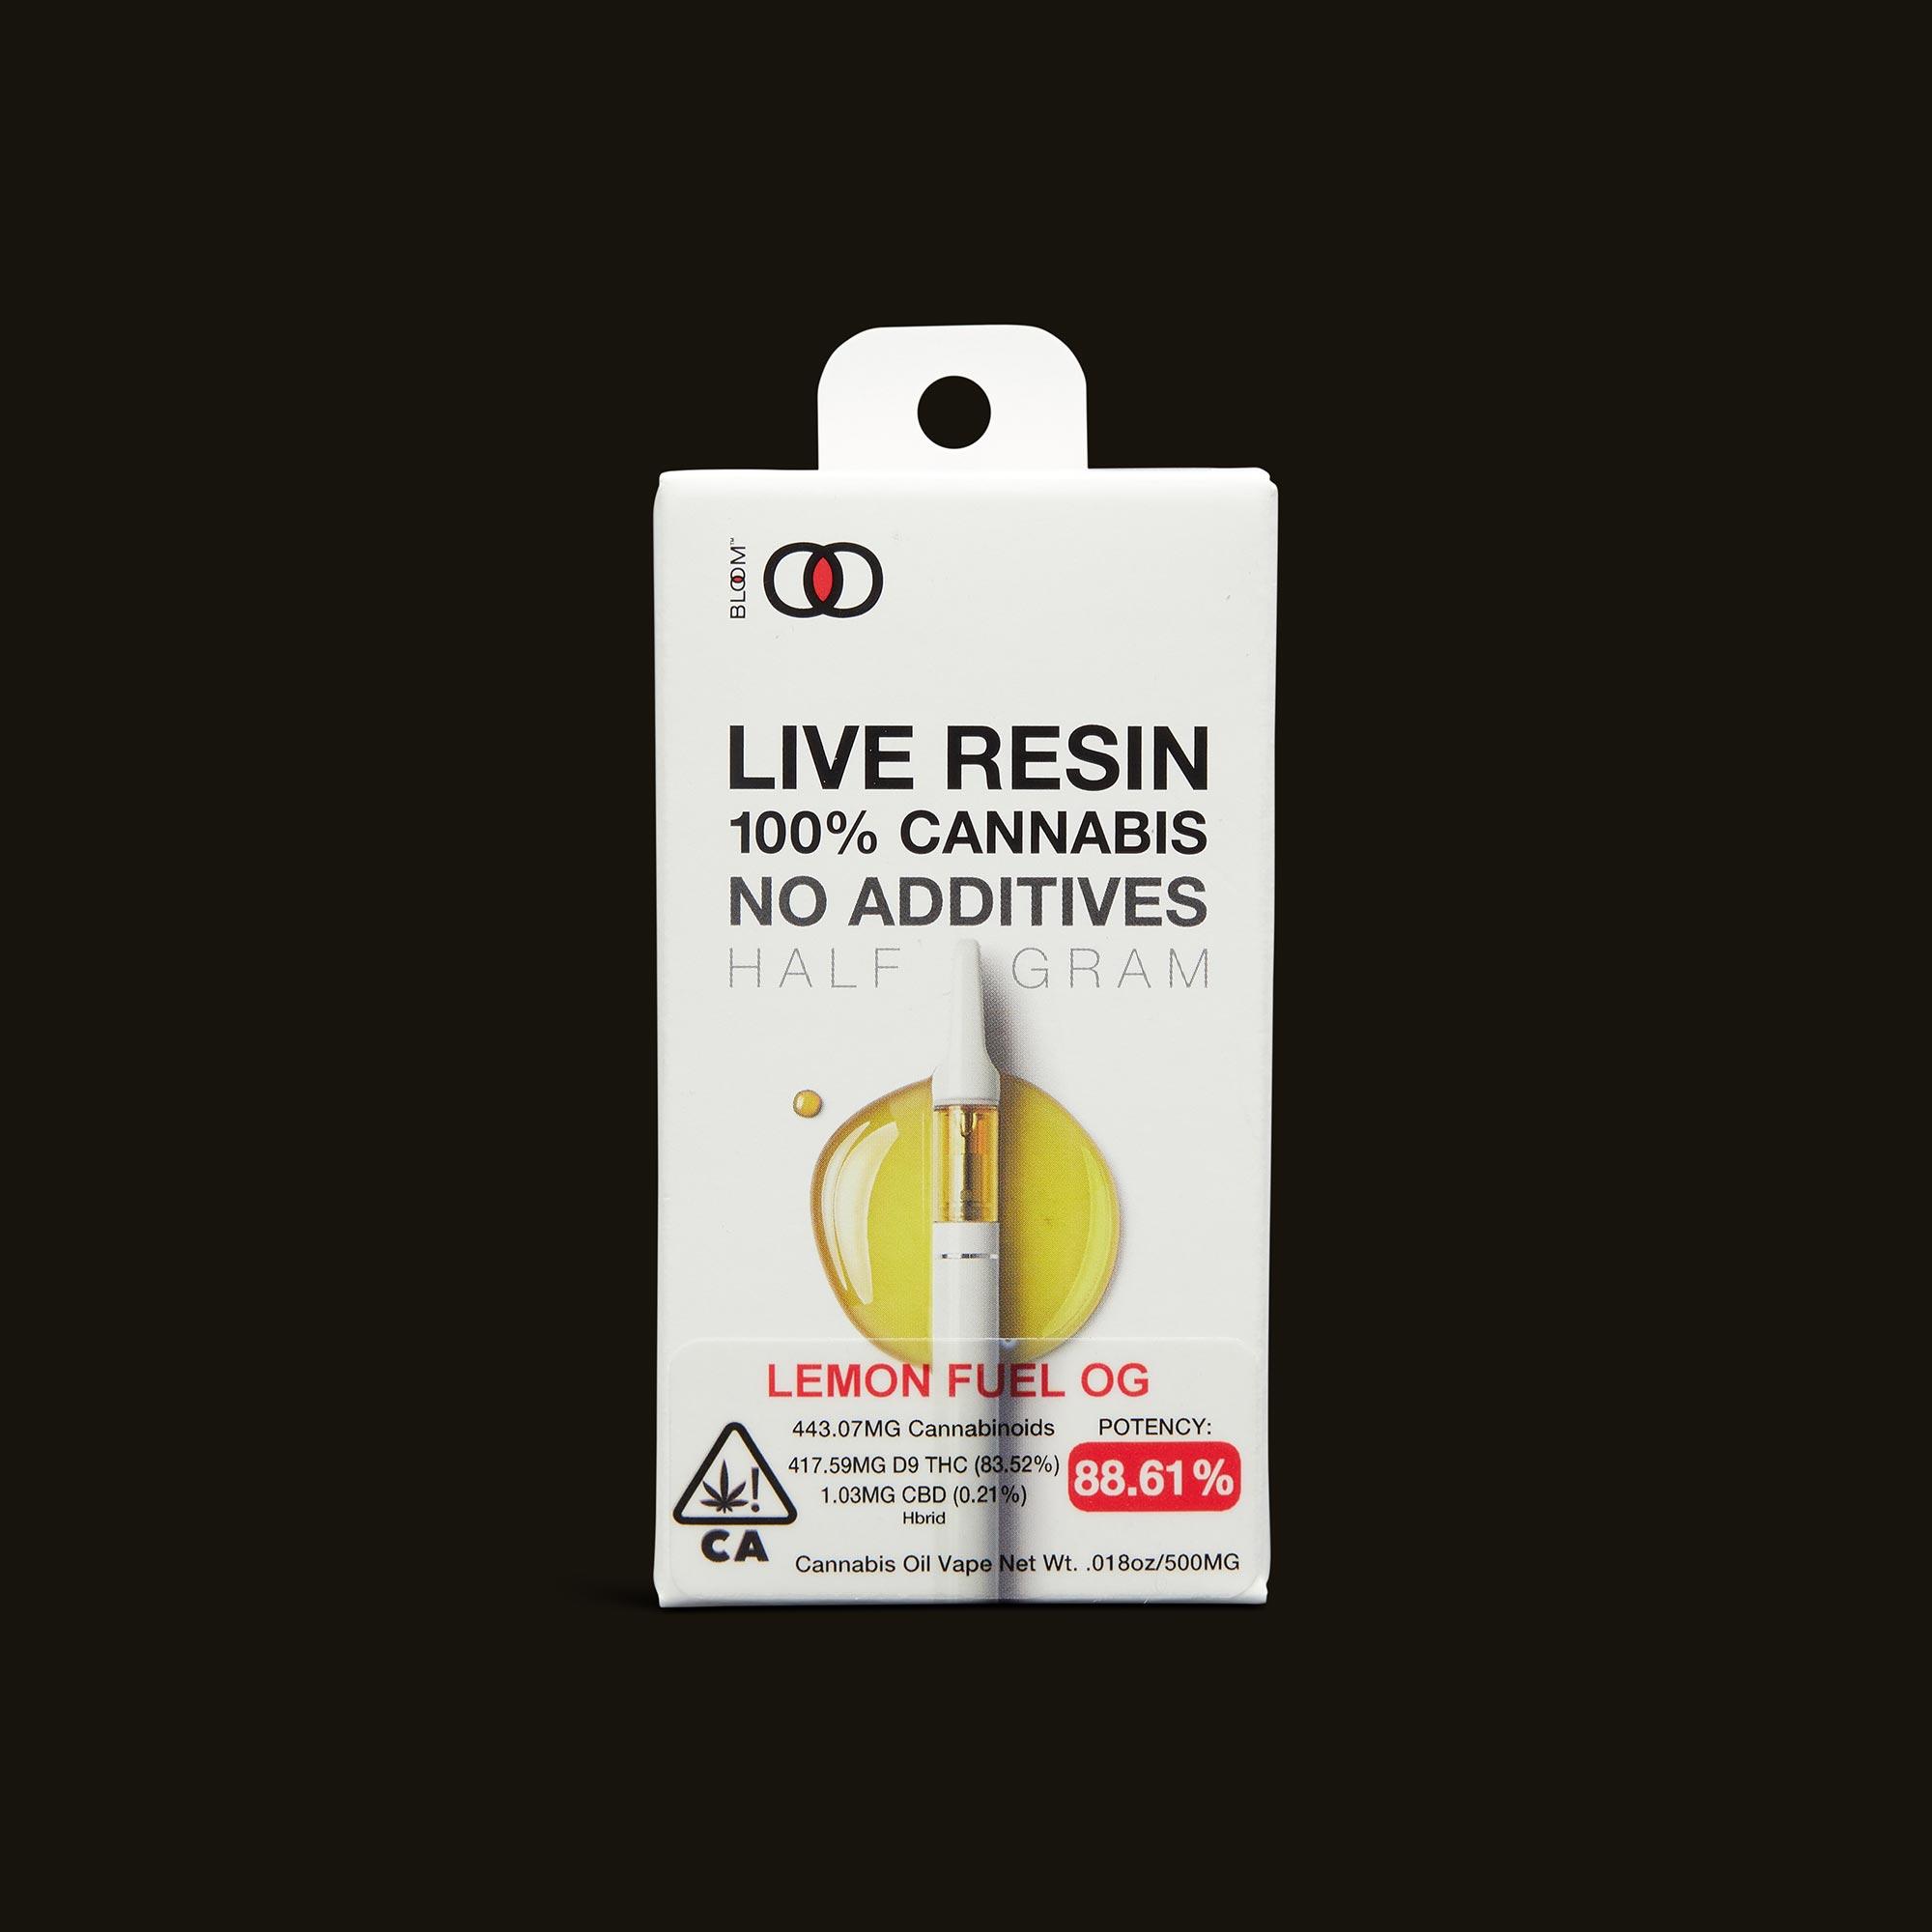 Lemon Fuel OG Live Resin Cartridge - 1g - 1g cartridge